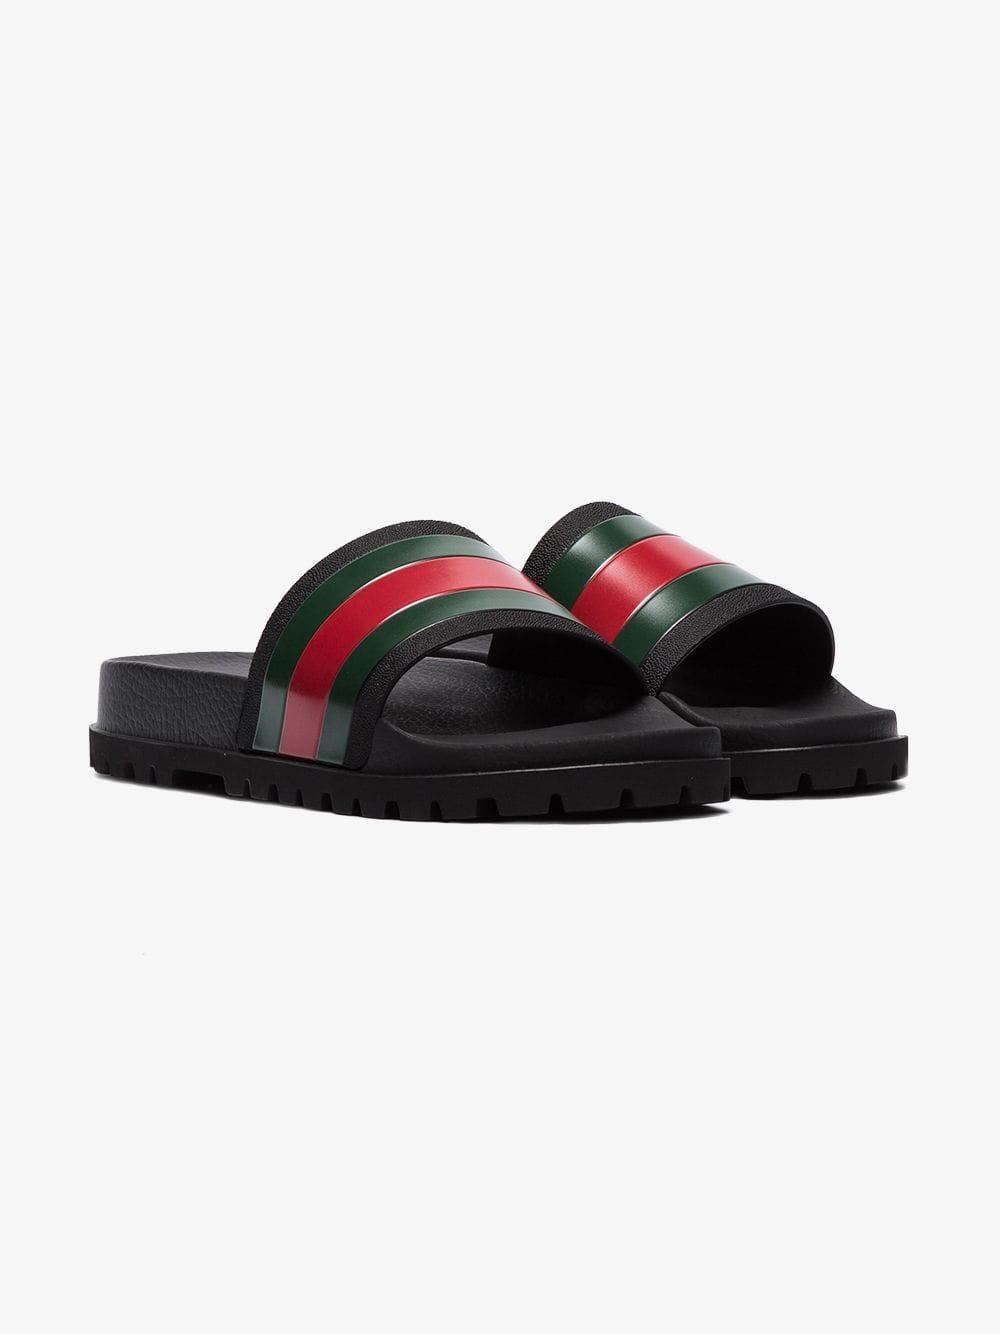 13805b3a3e3 Lyst - Gucci Black Pursuit Web Slides in Black for Men - Save 13%